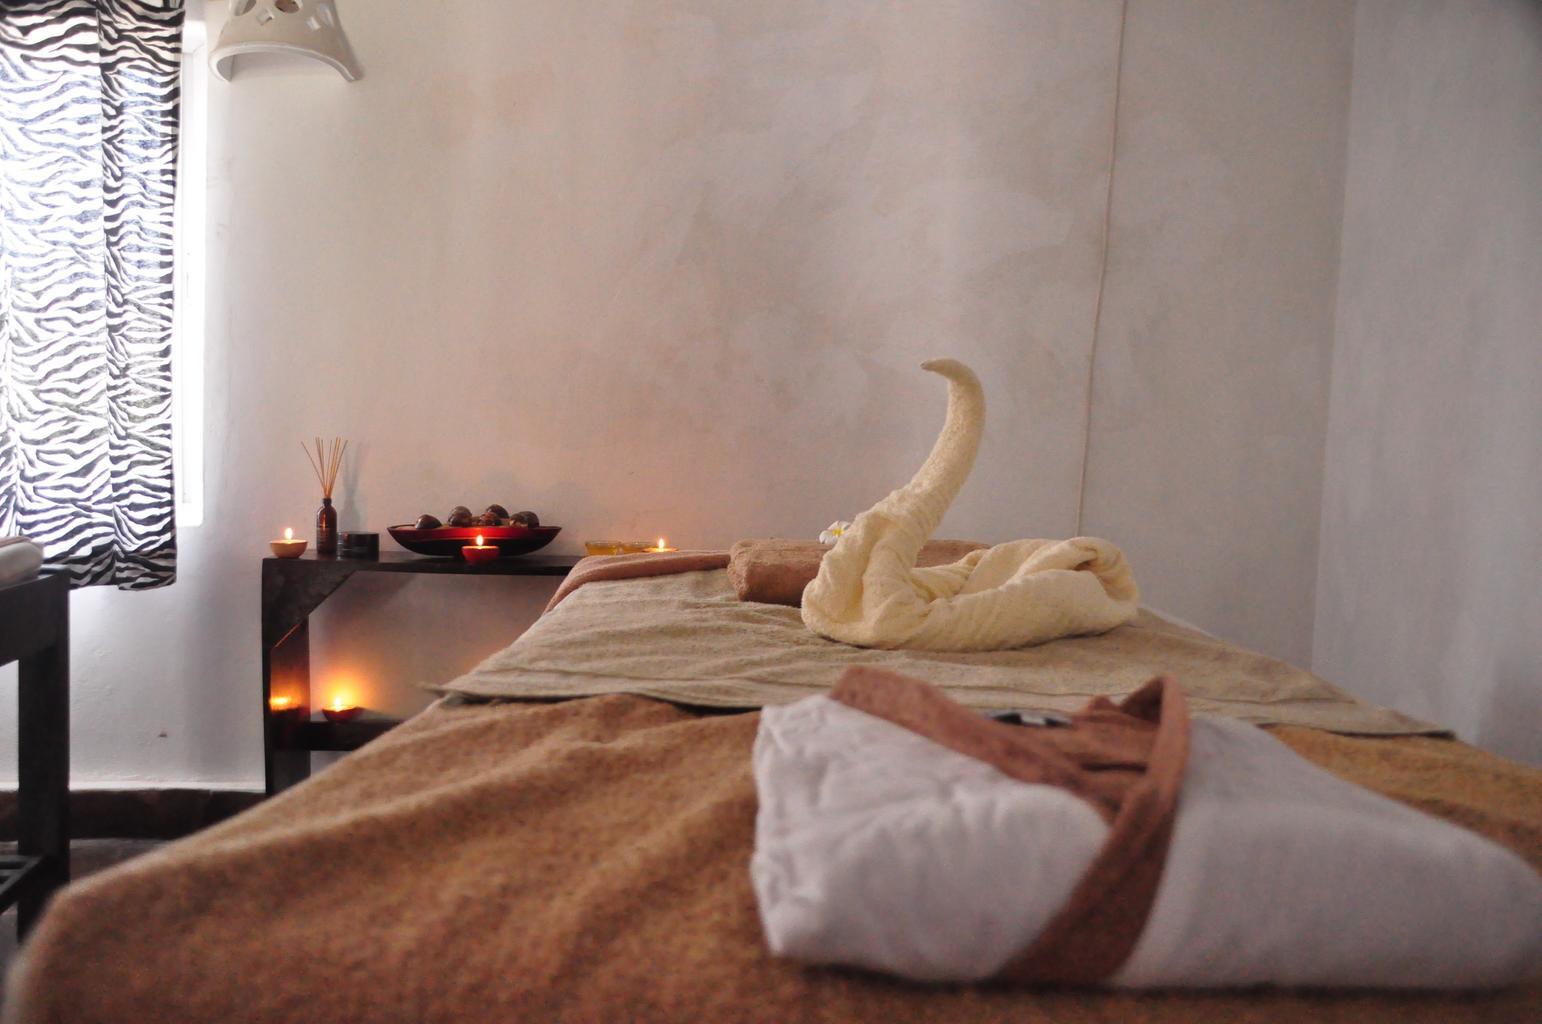 Erotic massage a tantrické masáže